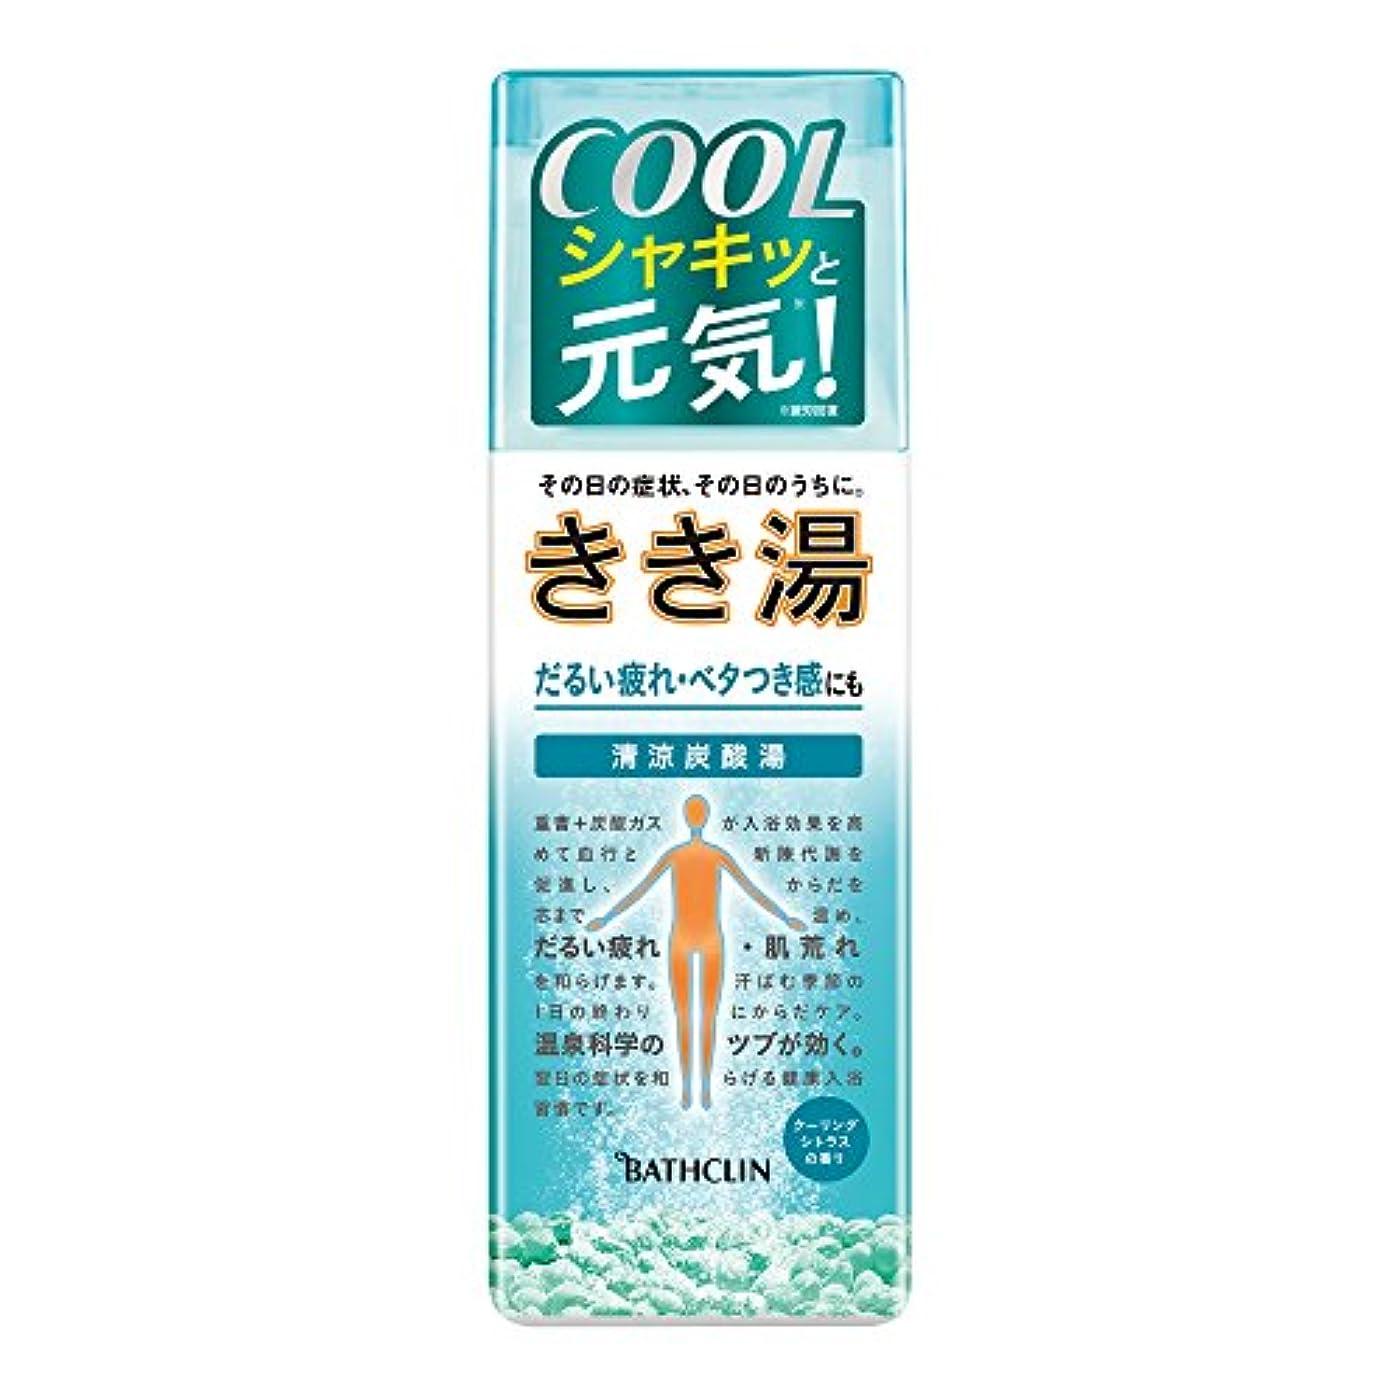 招待驚かすシーフード【医薬部外品】きき湯清涼炭酸湯クーリングシトラスの香り360gスカイブルーの湯透明タイプ入浴剤